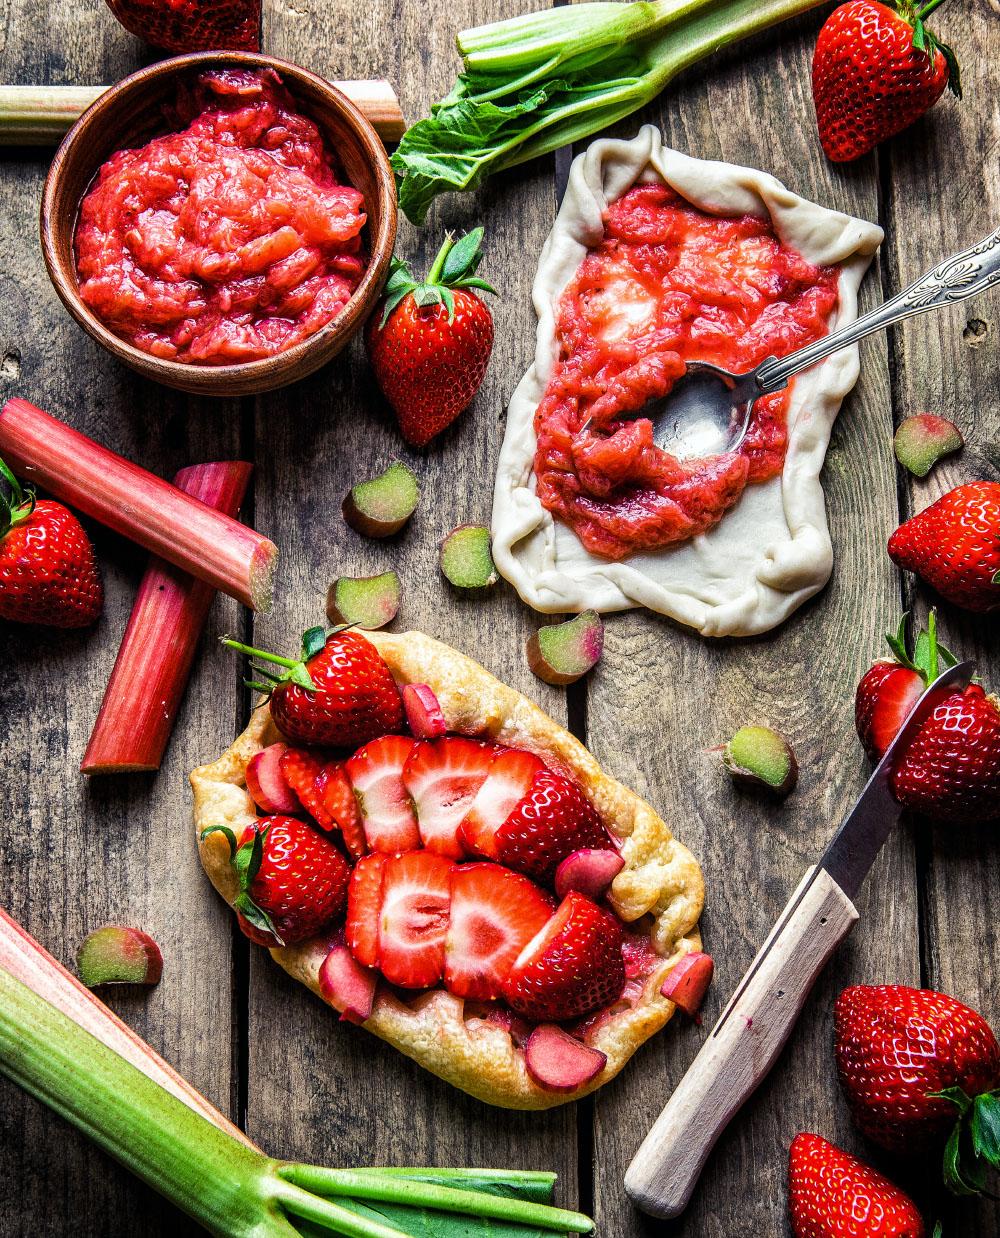 Erdbeer-Rhabarber-Flammkuchen einfaches Rezept für süßen Flammkuchen